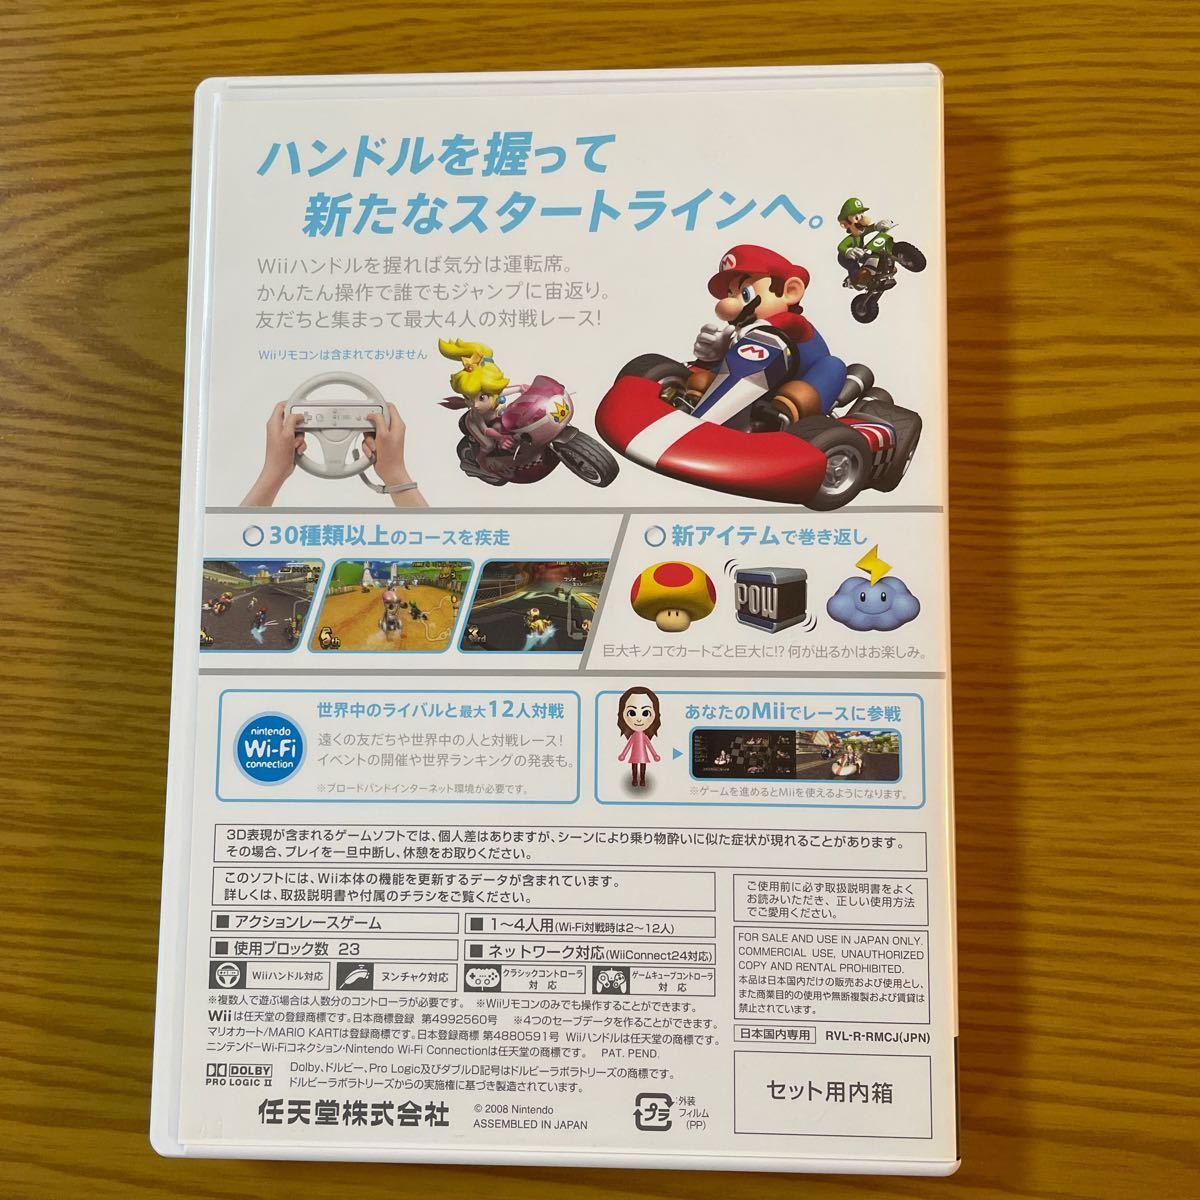 マリオカートWii Wiiハンドル